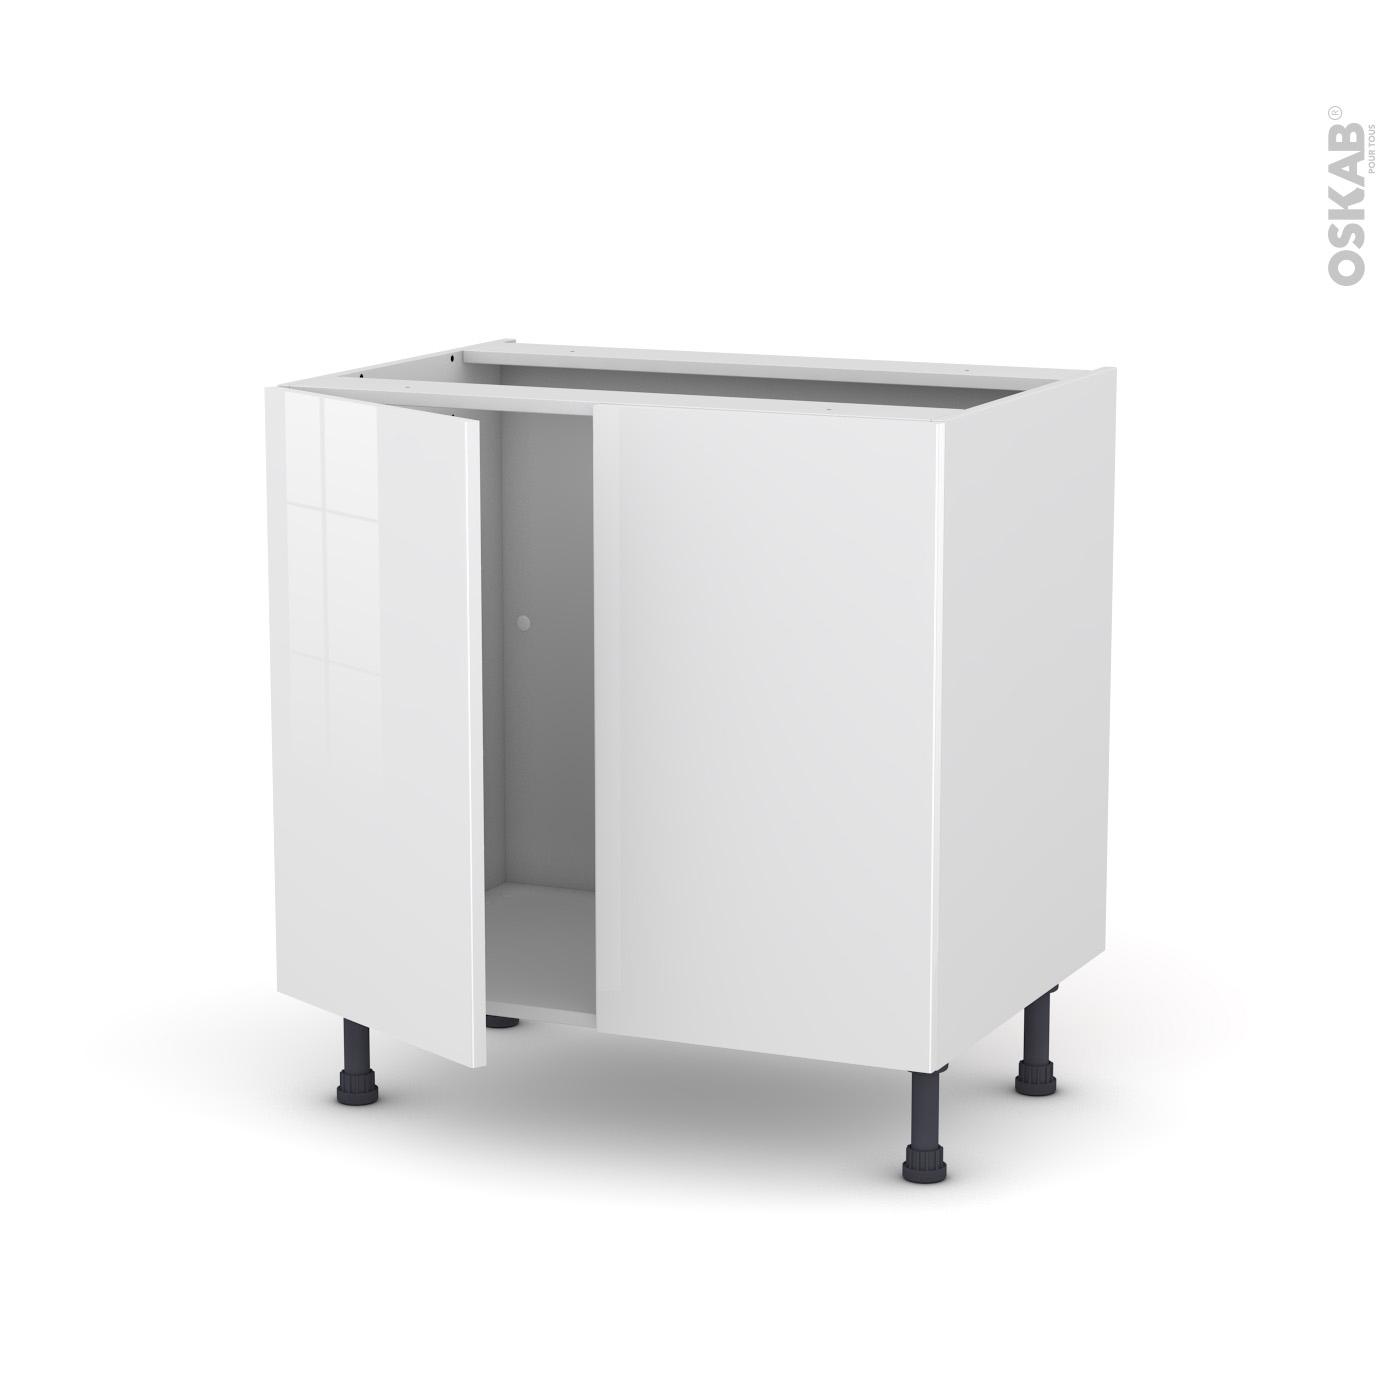 Meuble De Cuisine Sous Évier Bora Blanc, 2 Portes, L80 X H70 X P58 Cm à Meuble Sous Évier 100 Cm - Ikea